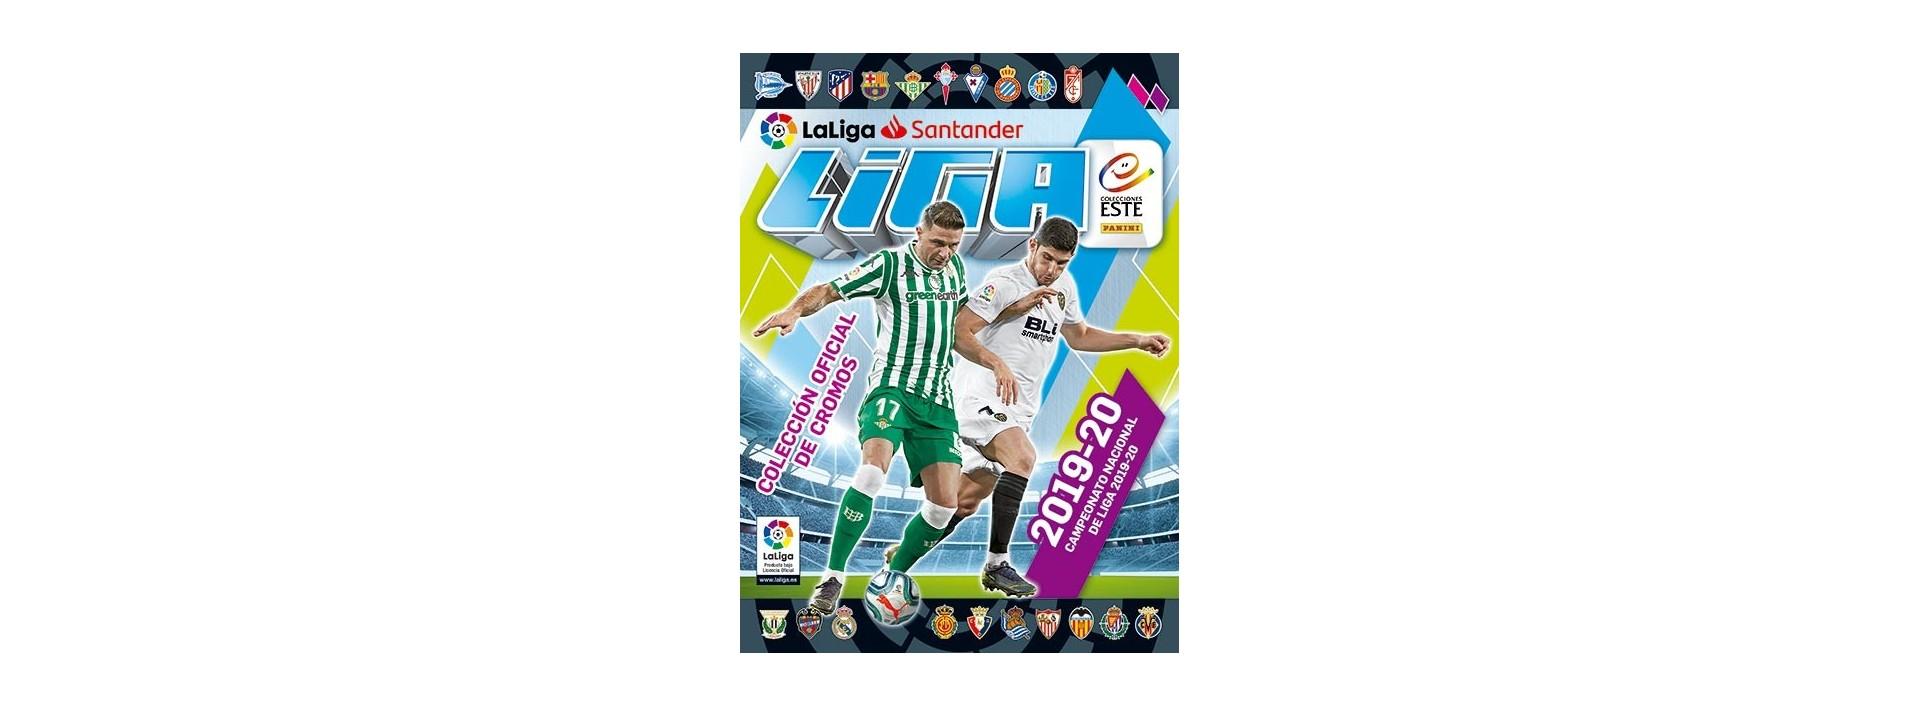 Panini Liga Este 2019/2020 en Mascromos.com Tu web de cromos y Funko Pop online